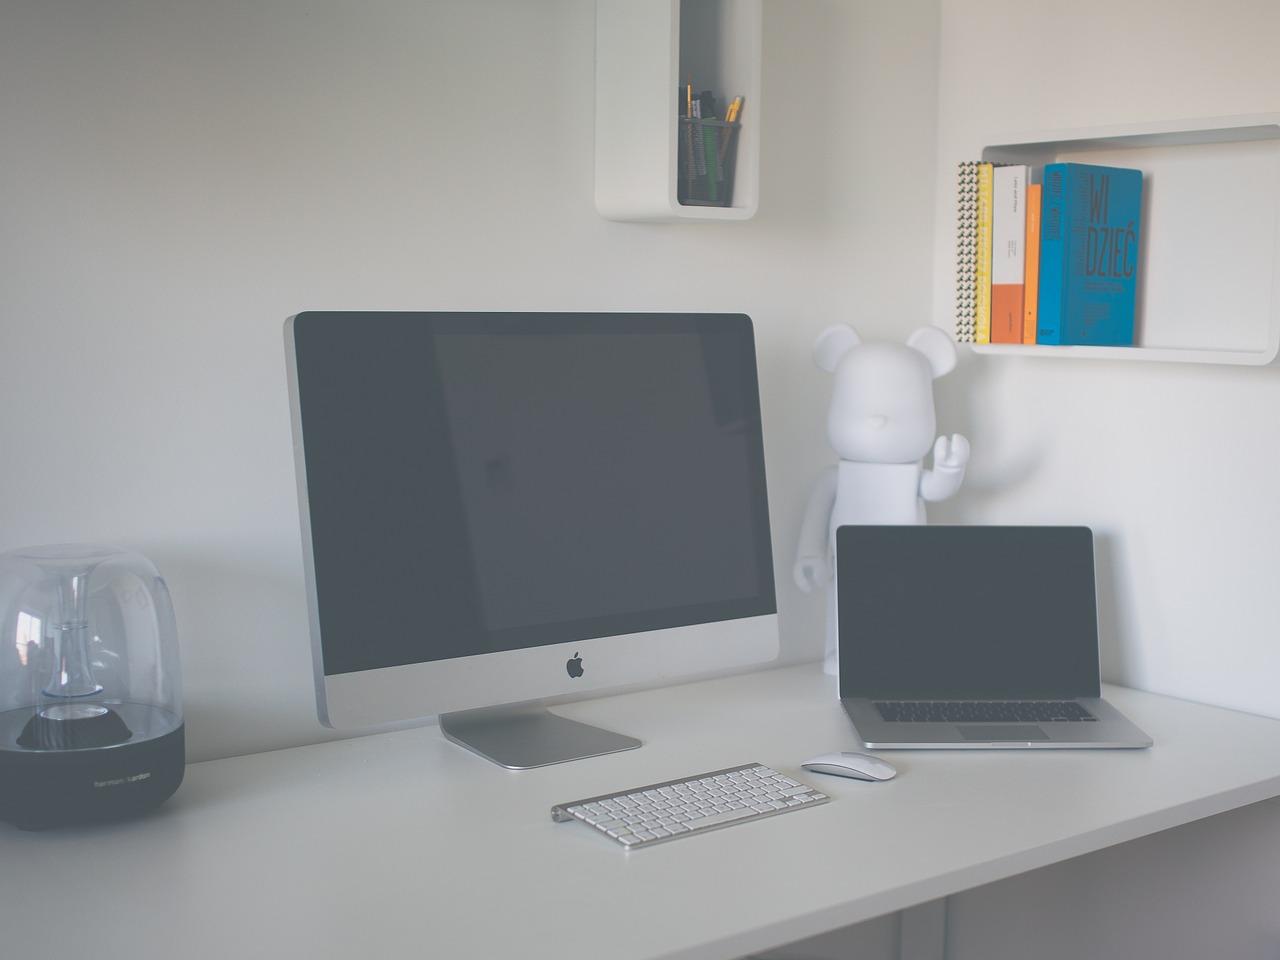 Mesa de escritorio con ordenadores